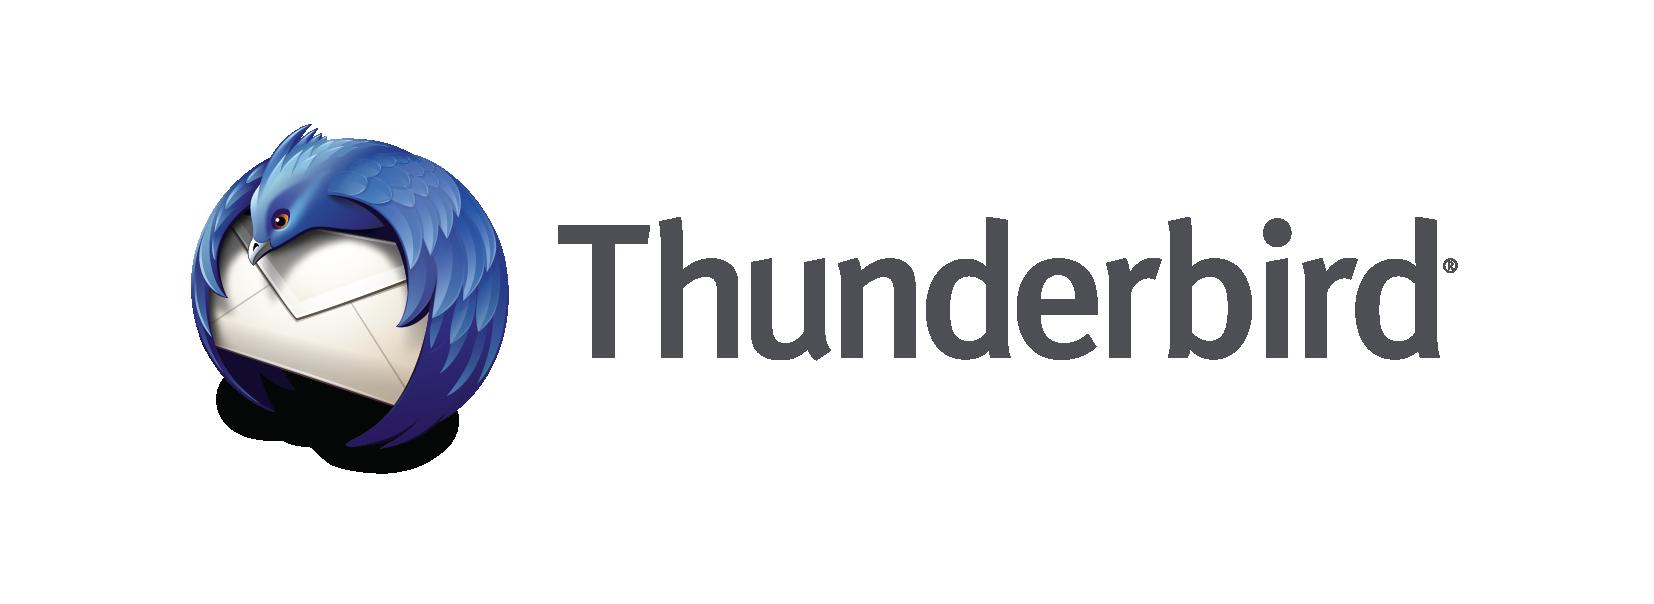 thunderbird-logo-wordmark